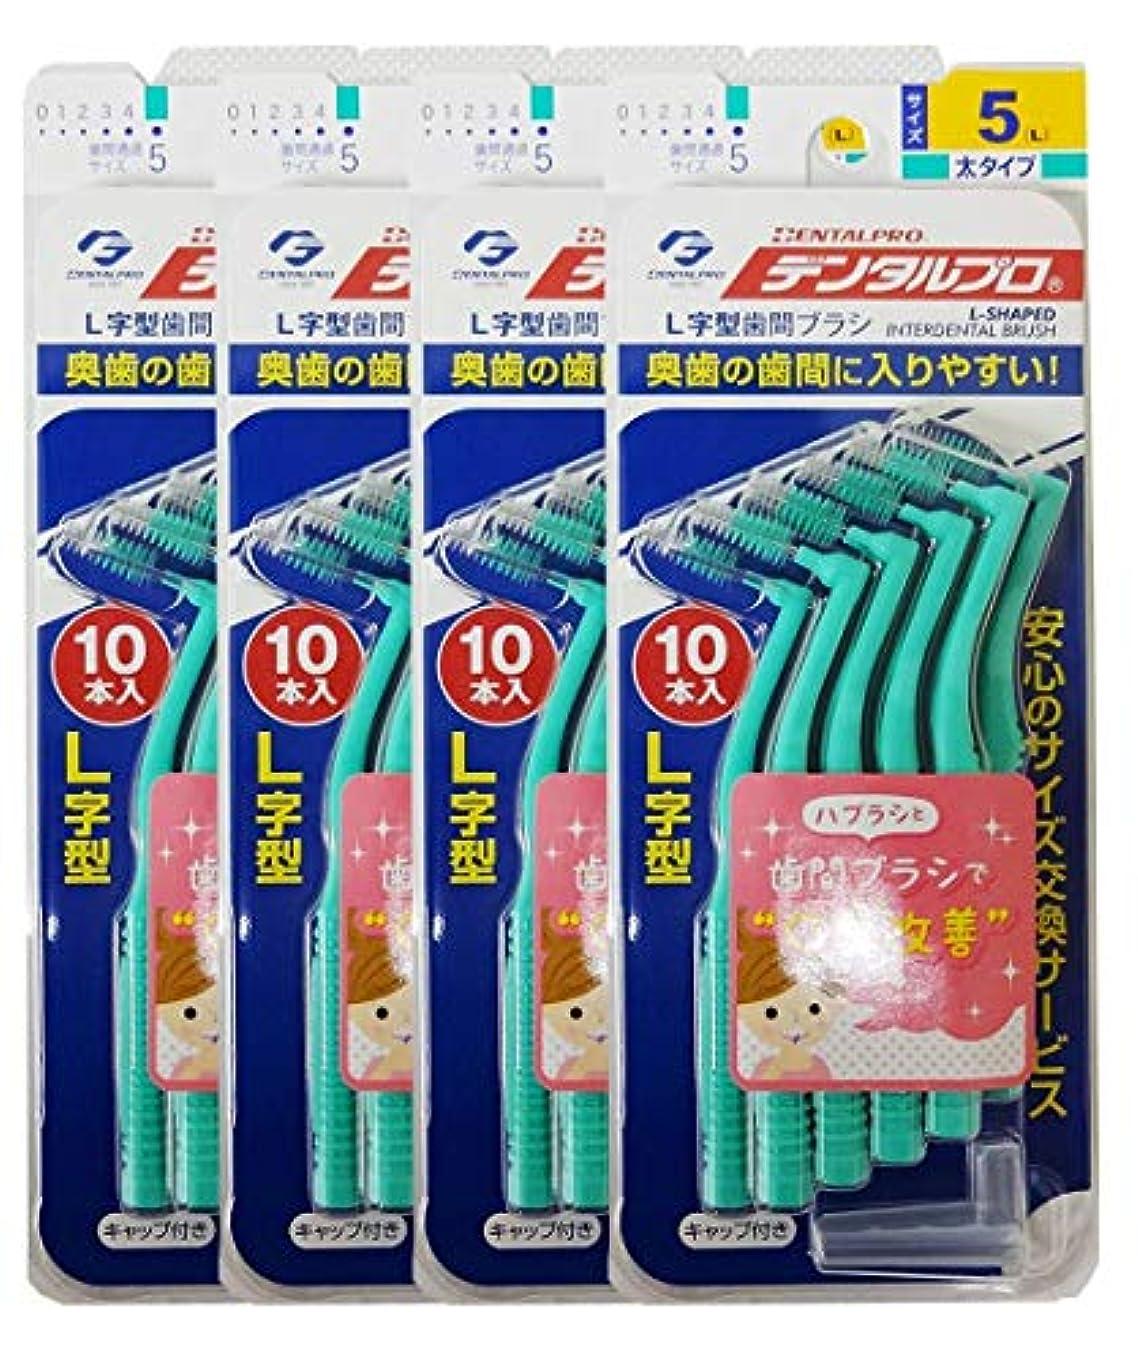 気難しい寄稿者スノーケルデンタルプロ 歯間ブラシ L字型 サイズ5(L) 10本入り × 4個セット